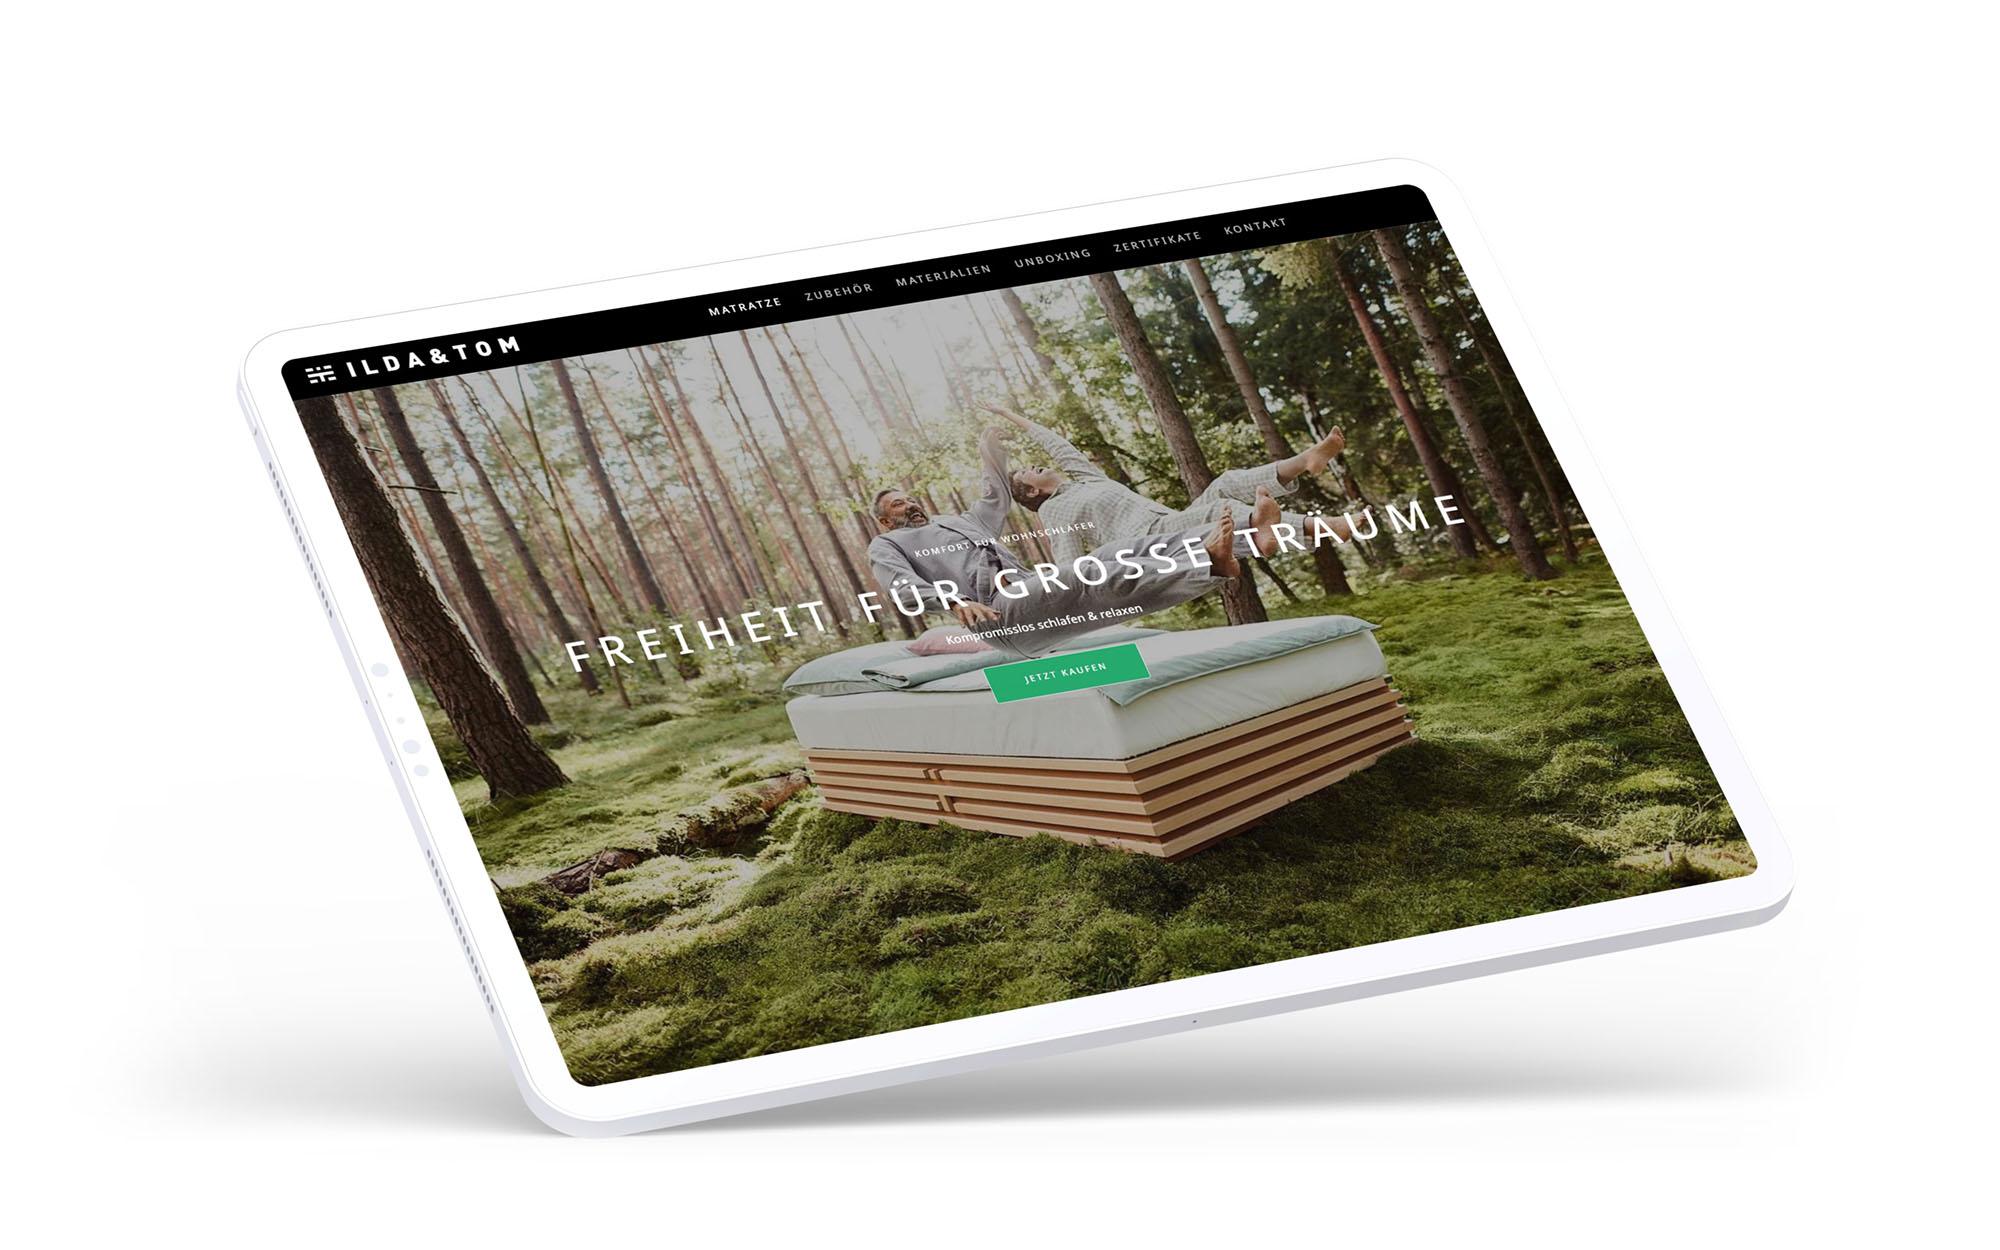 Responsives Webdesign einer Microsite auf einem Tablet